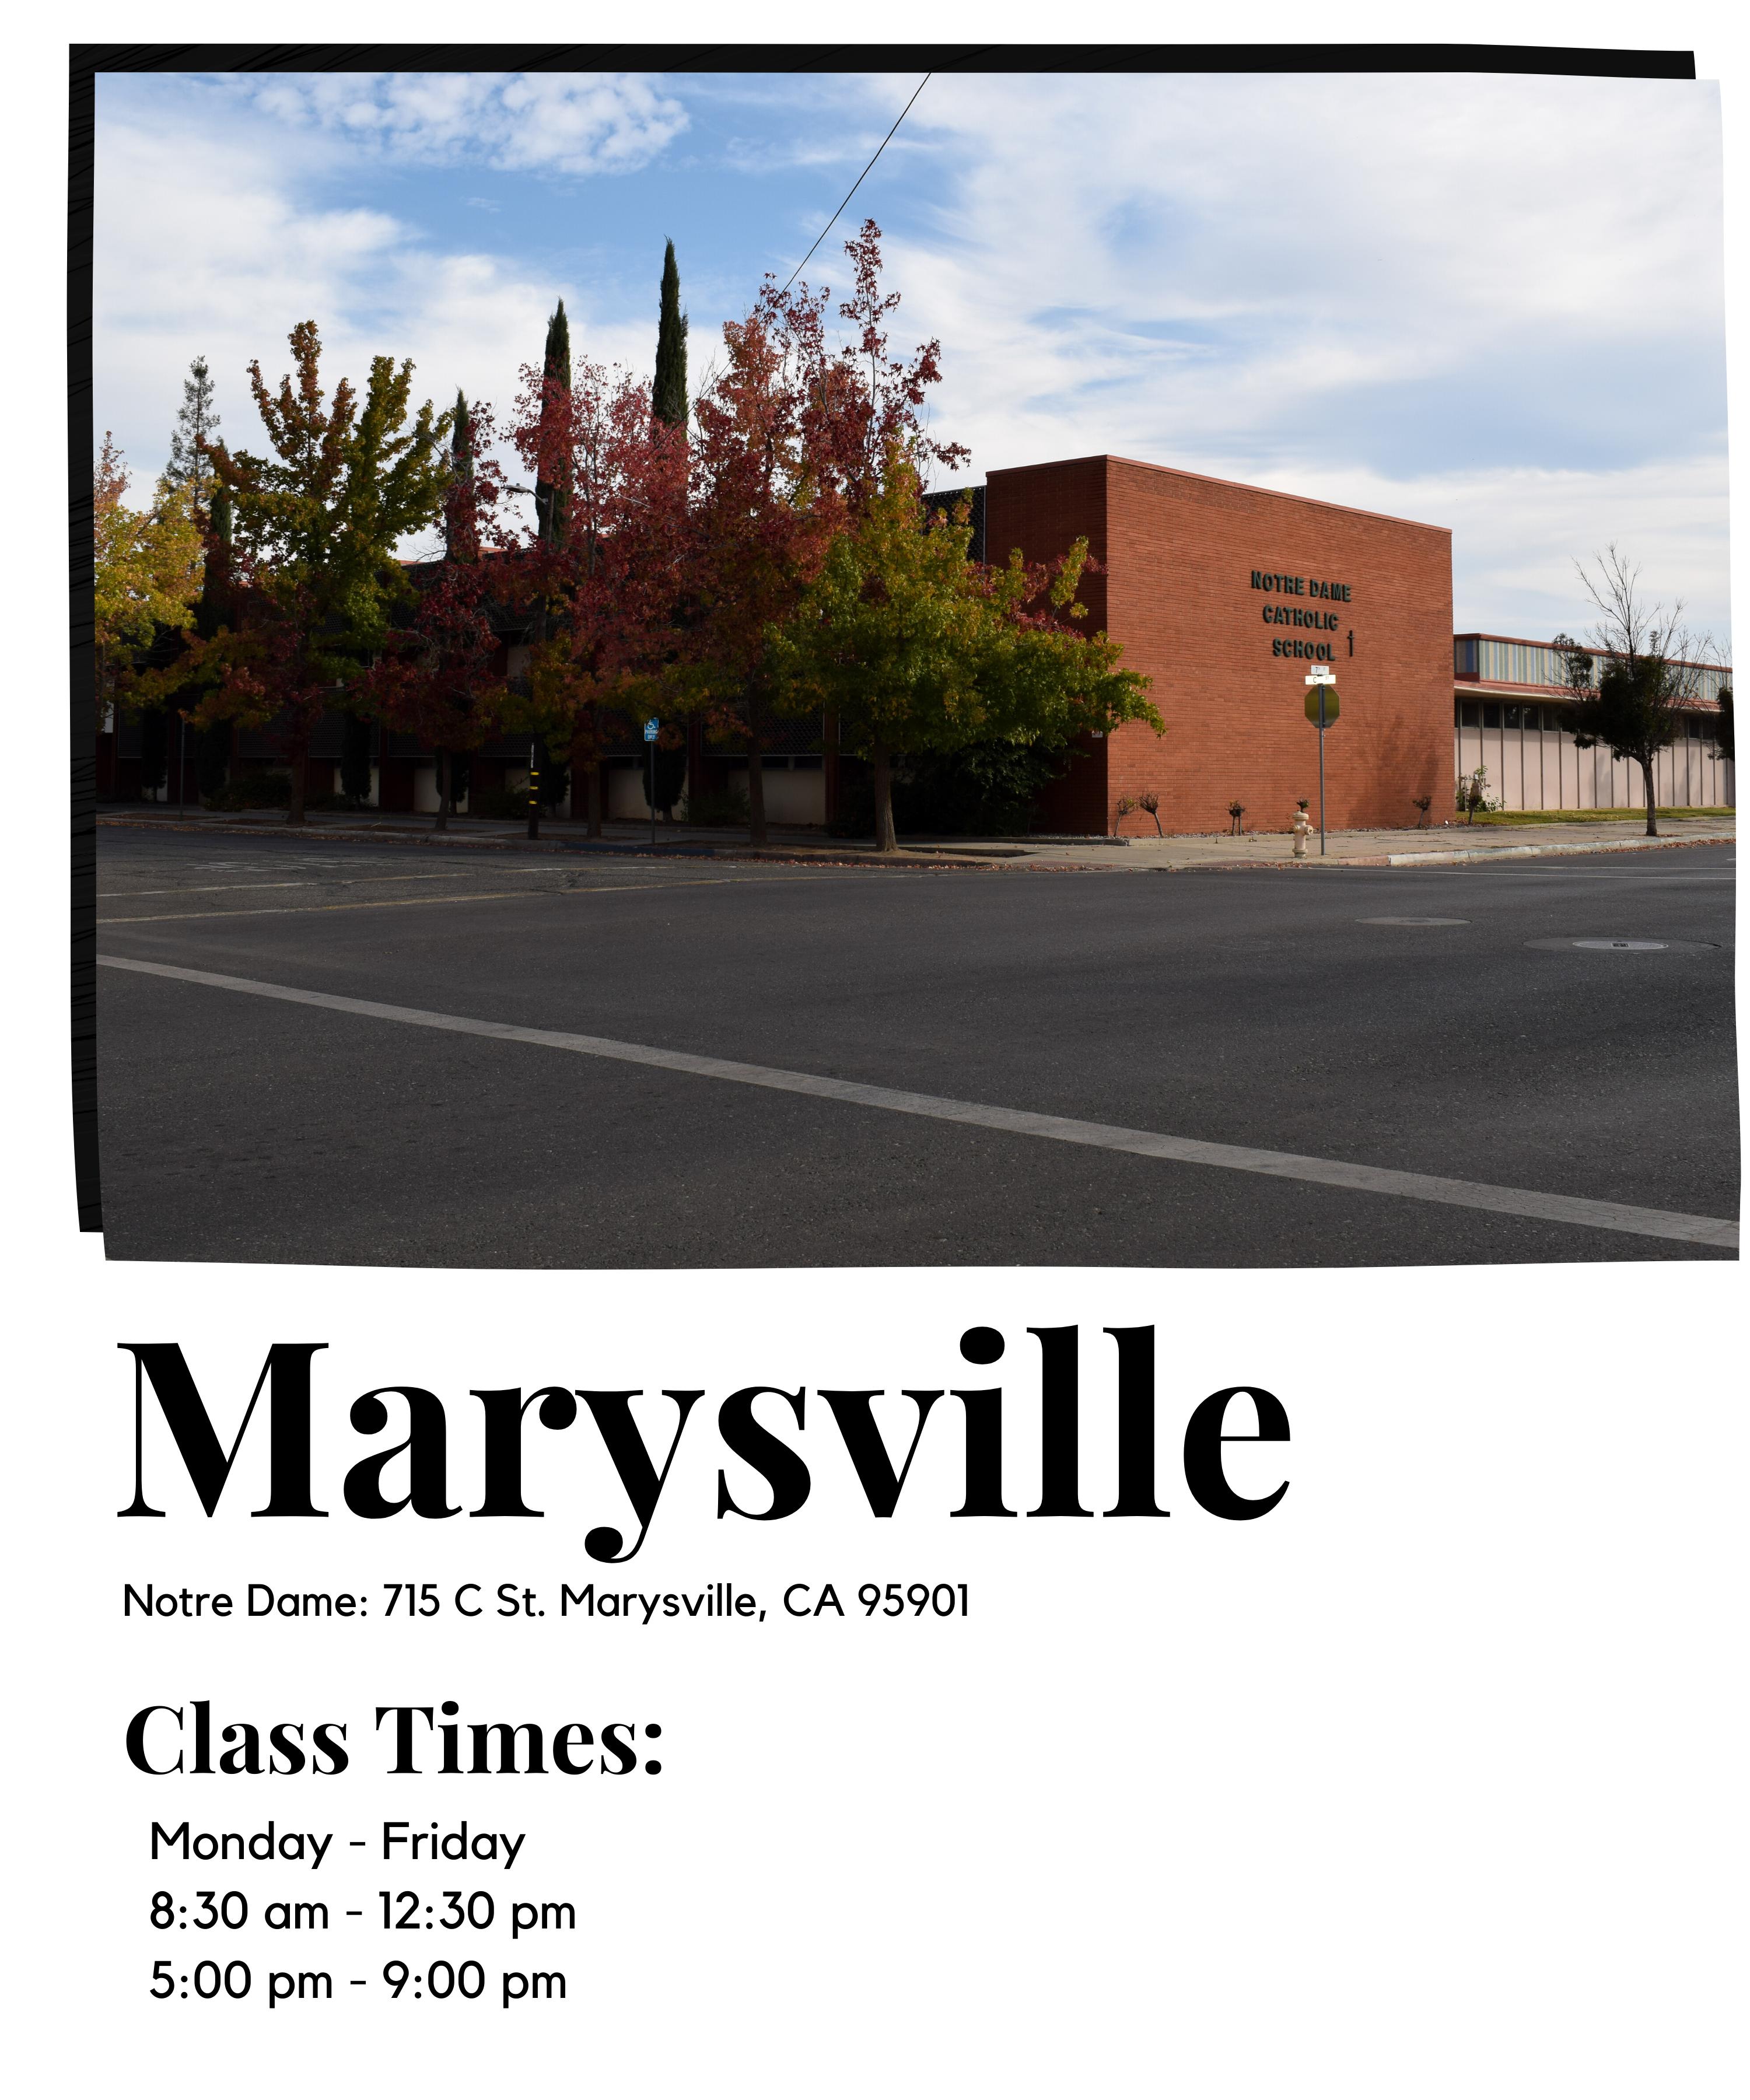 Marysville